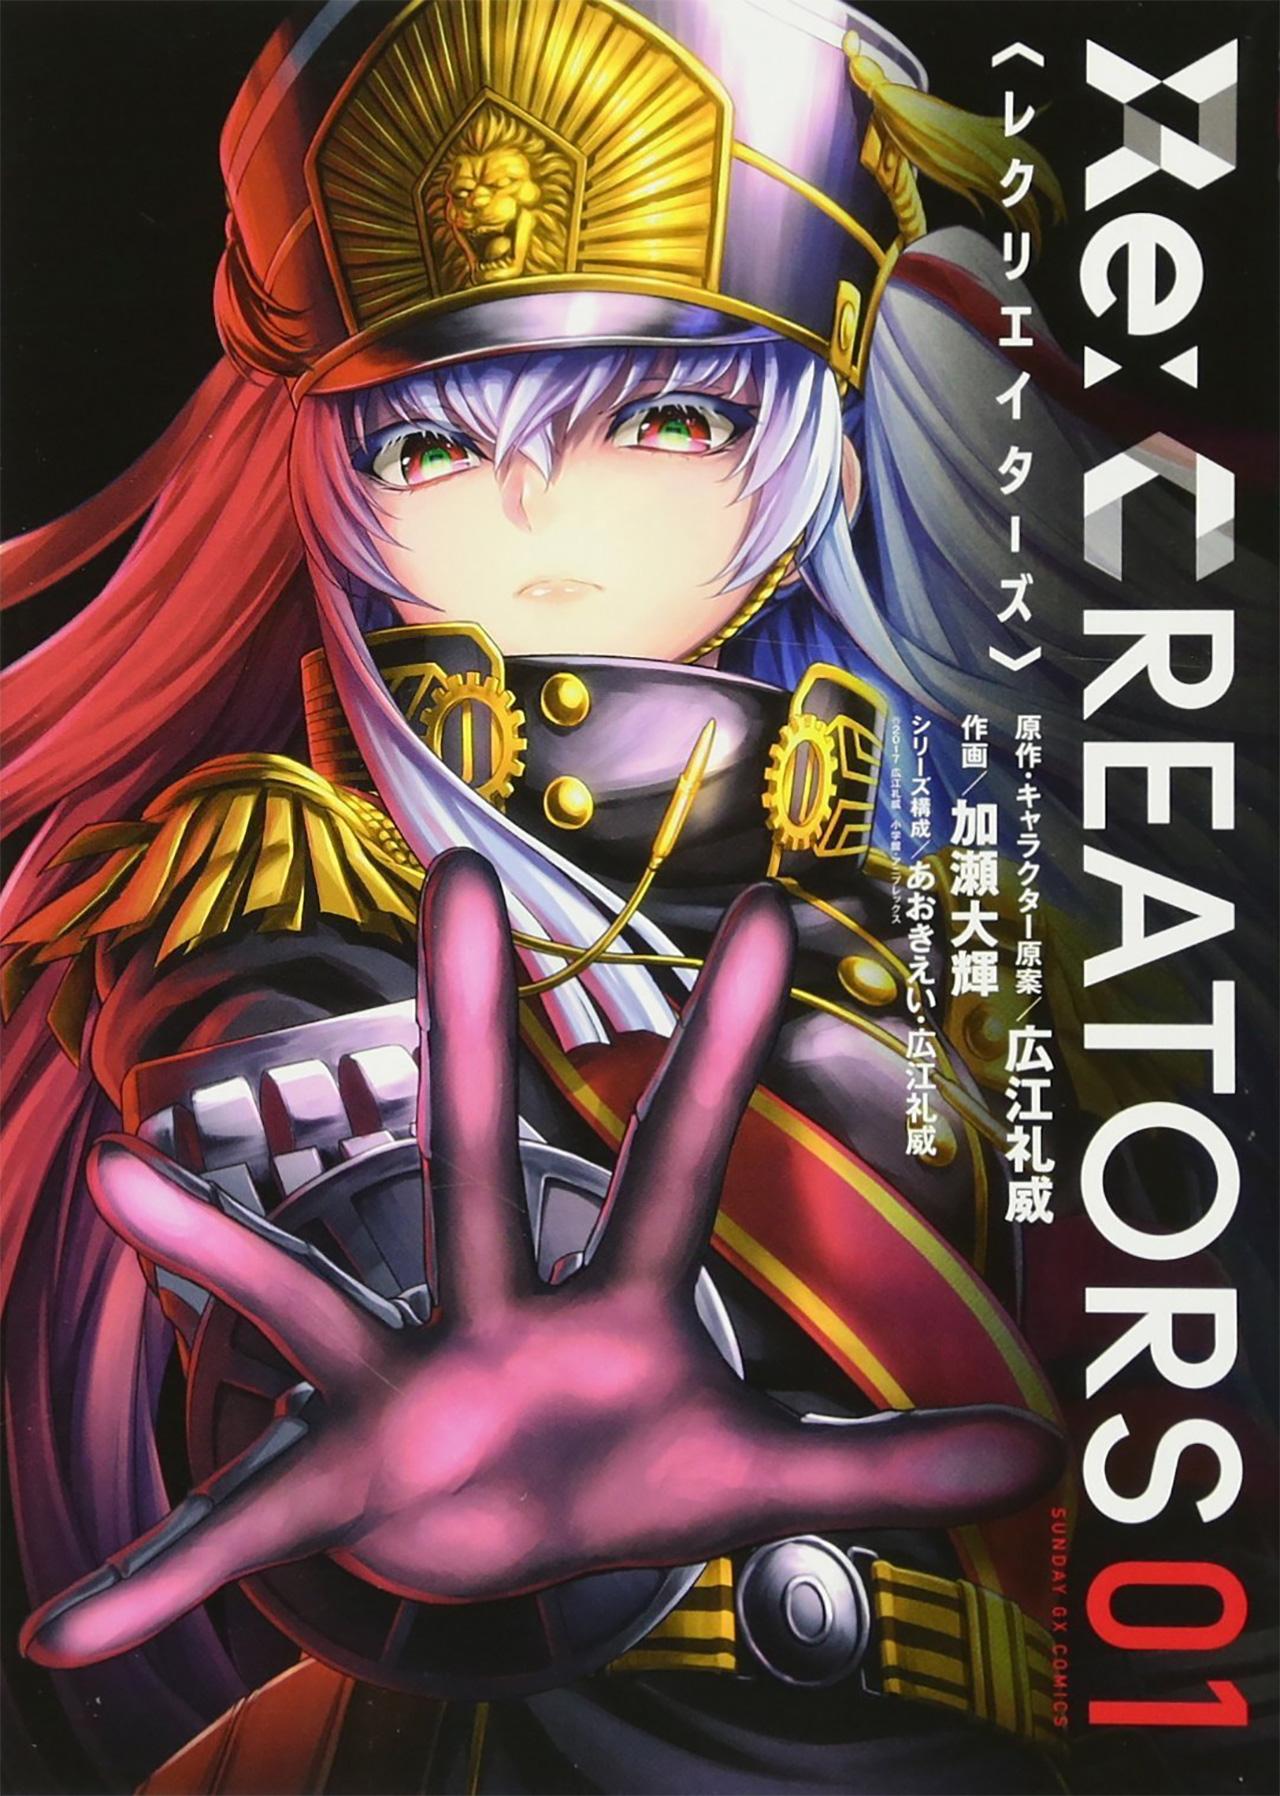 Mangá de Re:CREATORS vai terminar no 6º volume